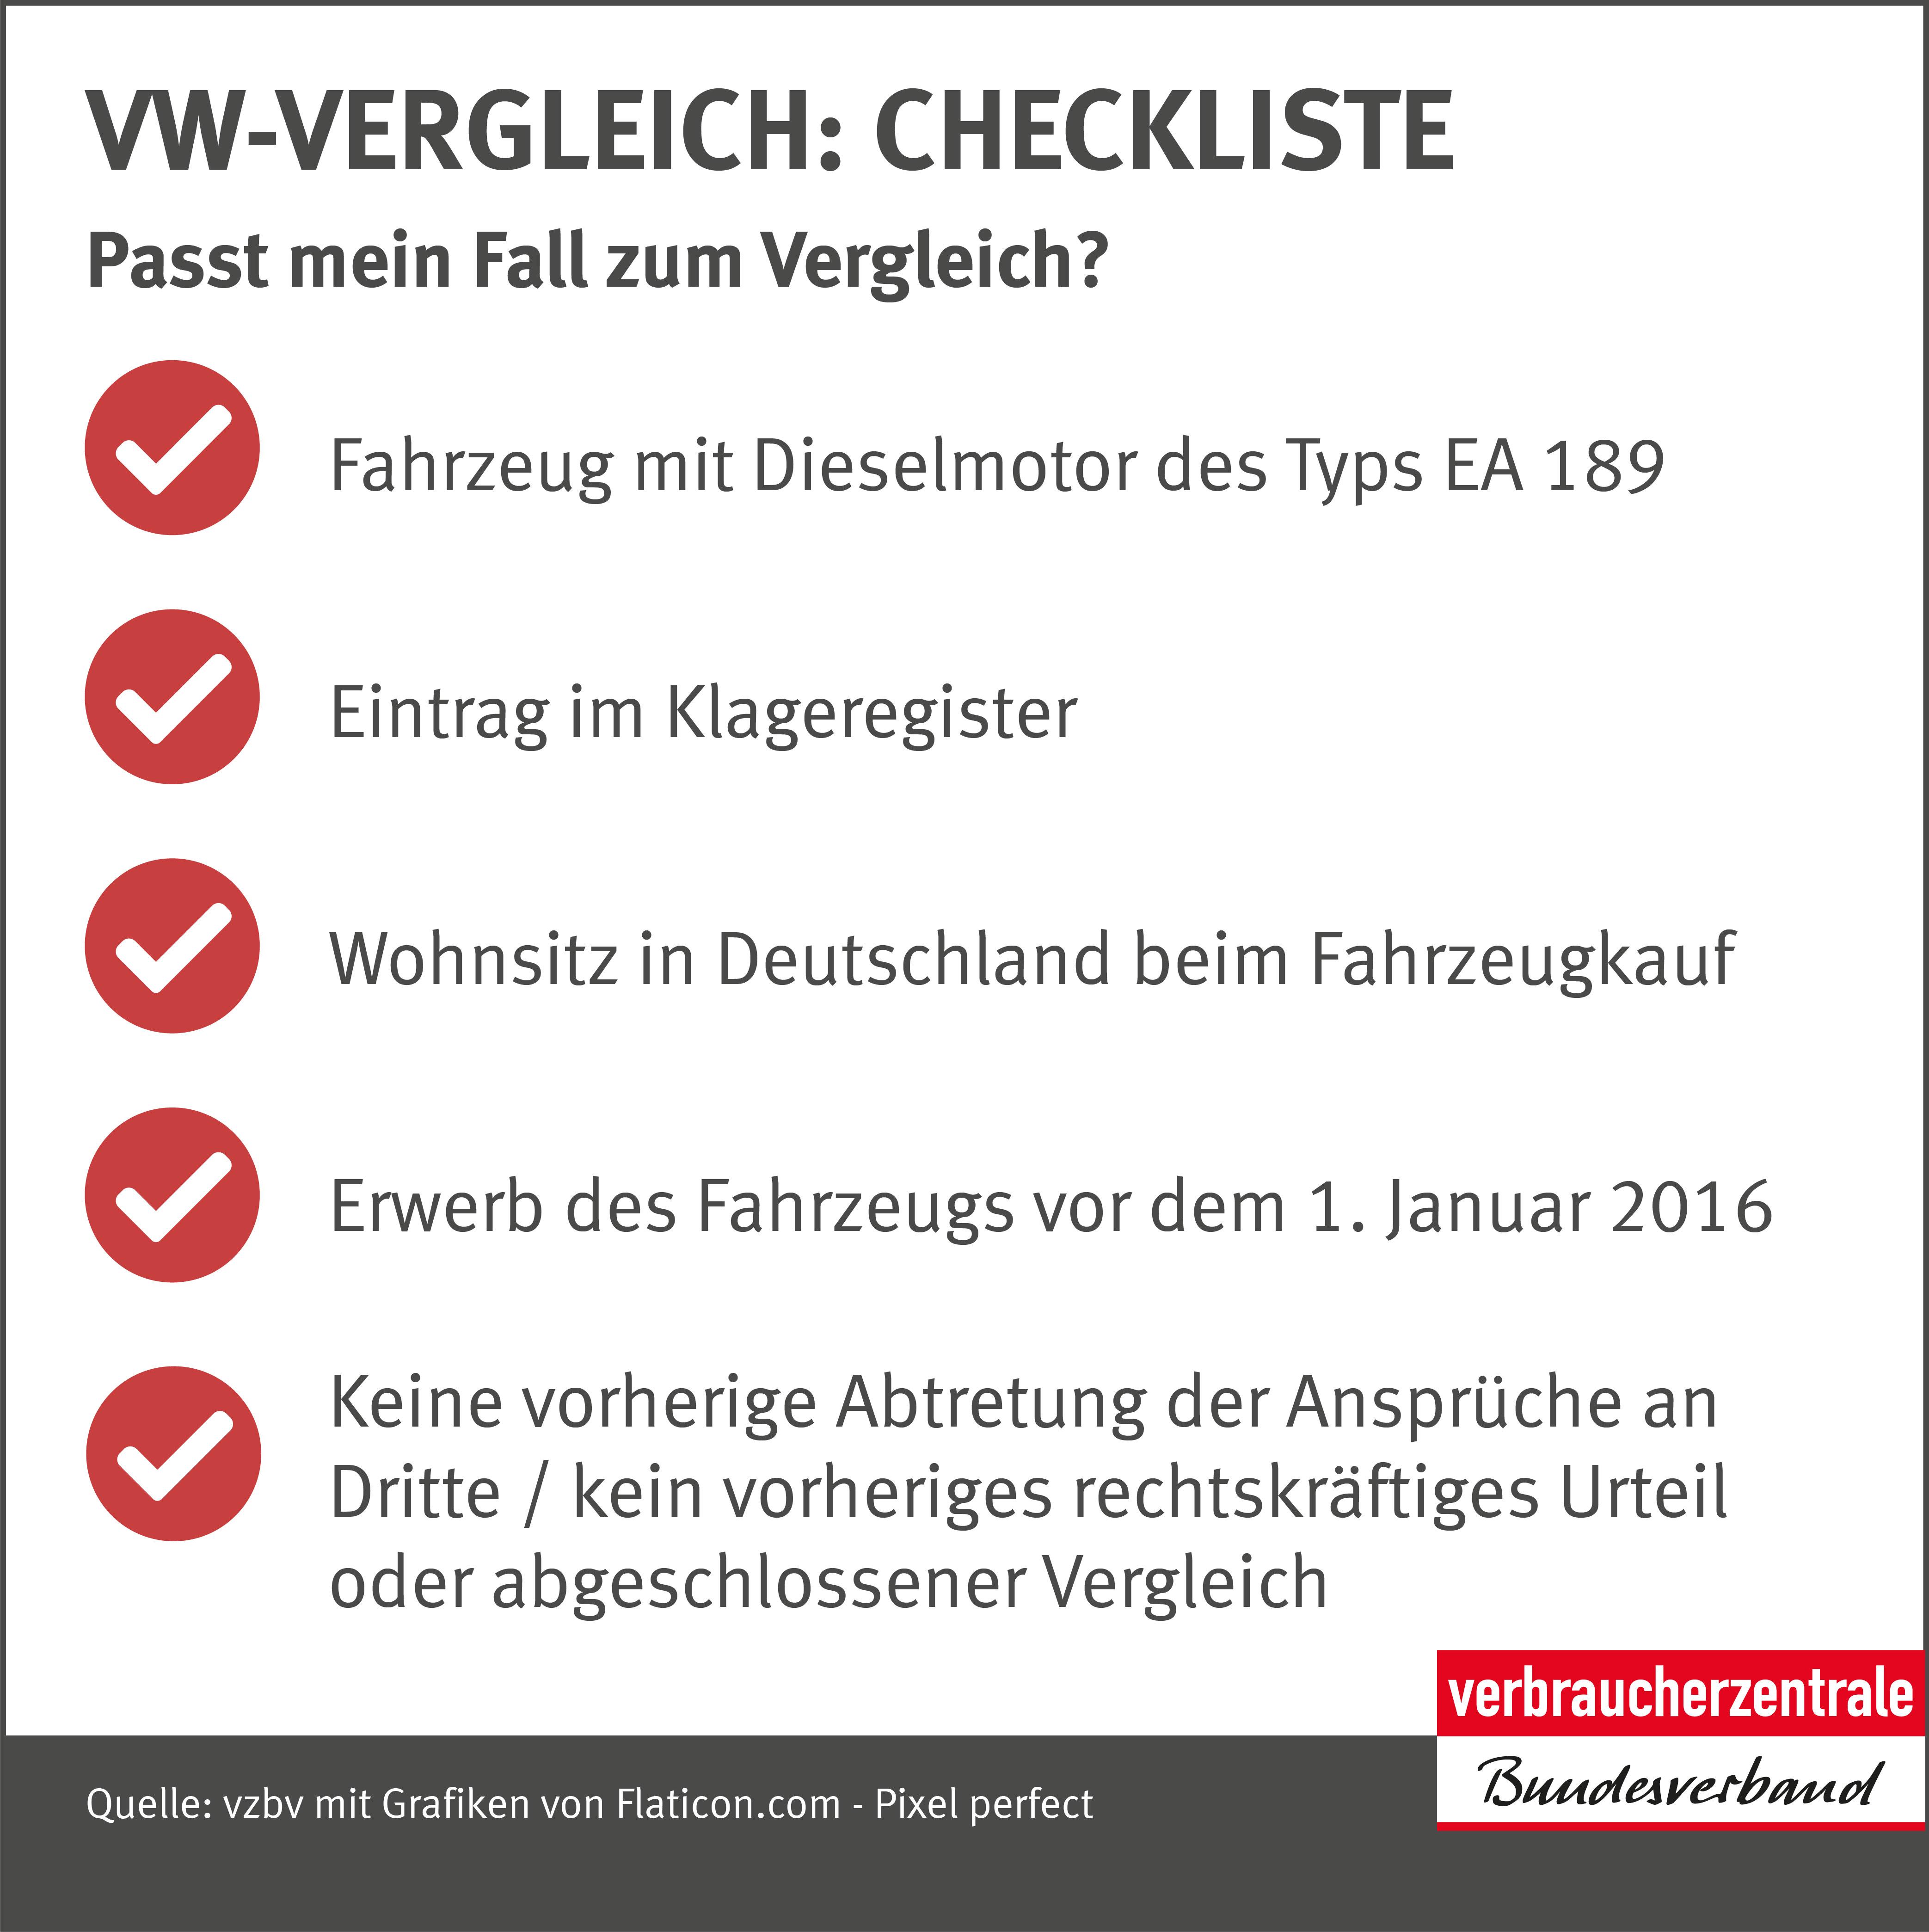 Infografik: Checkliste Vergleich vzbv-Musterfeststellungsklage gegen VW